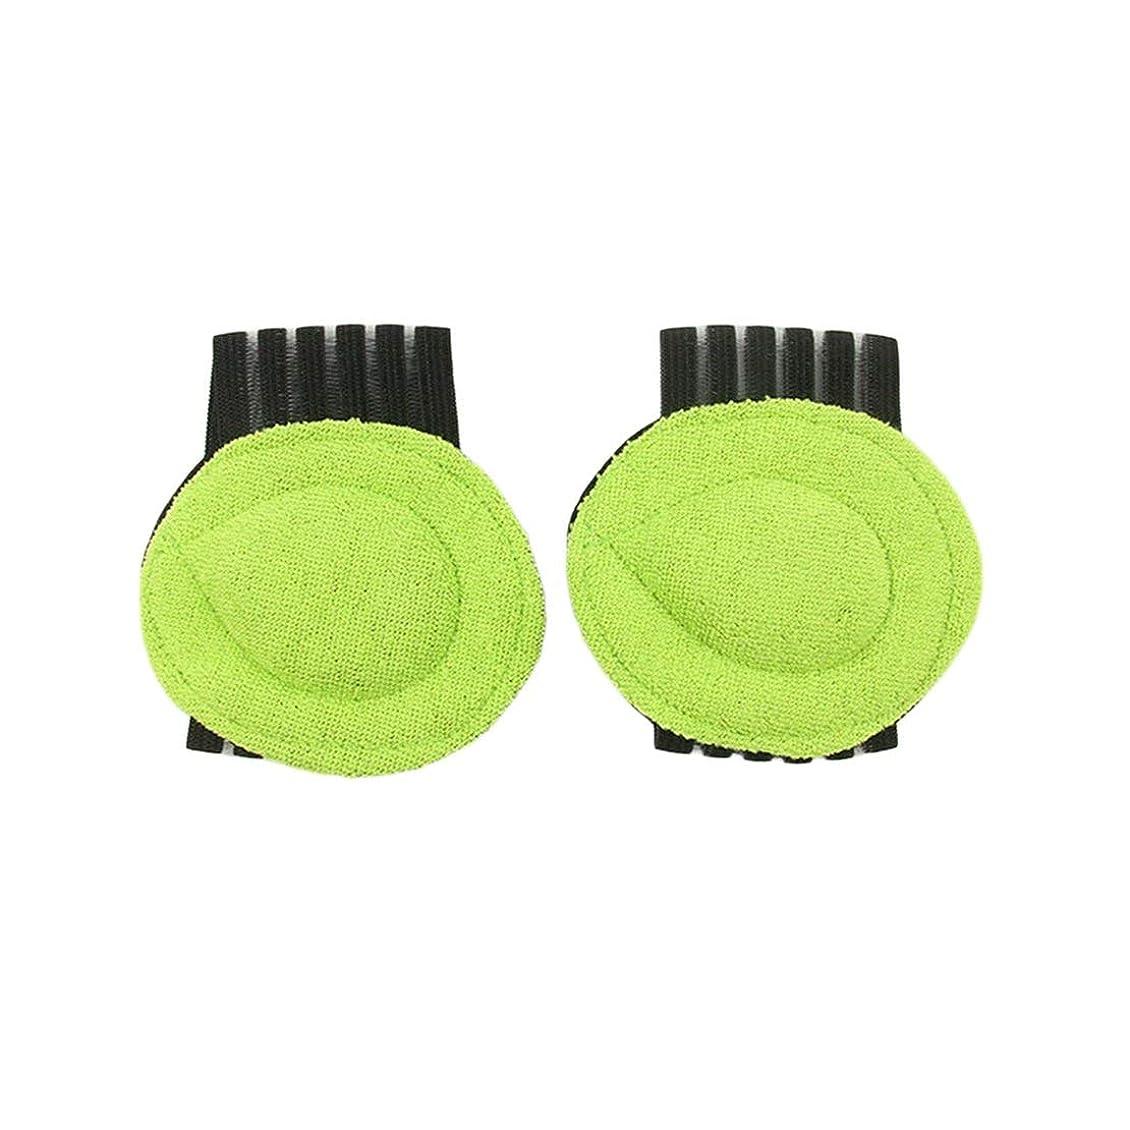 無能ピクニック肌寒い快適なクッション性のあるサポートにより、足のかかとのアーチボールを減らし、背中の痛みを軽減し、足底による不快感を軽減します。 (PandaWelly)